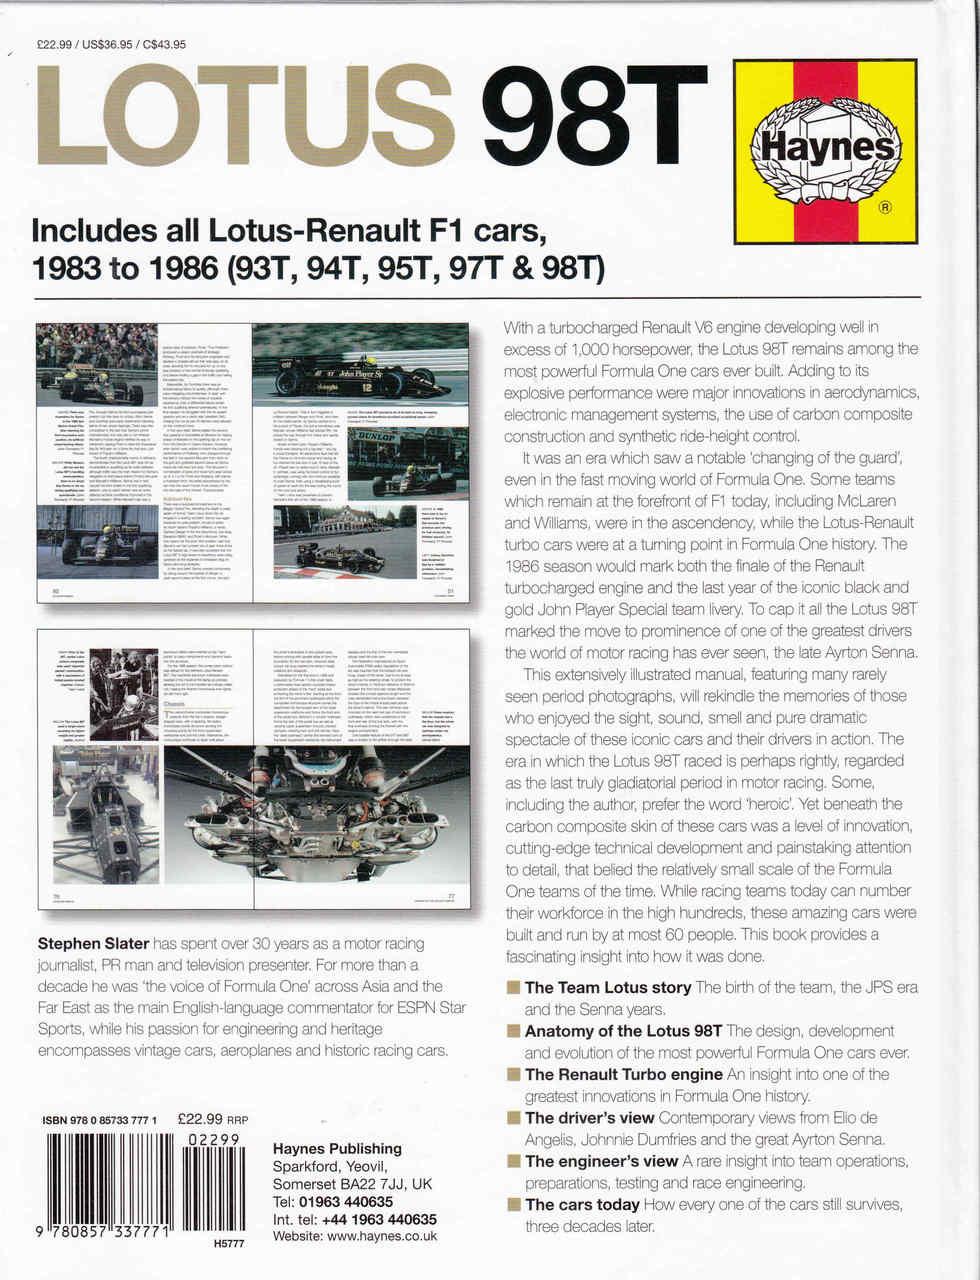 Lotus 98t 1983